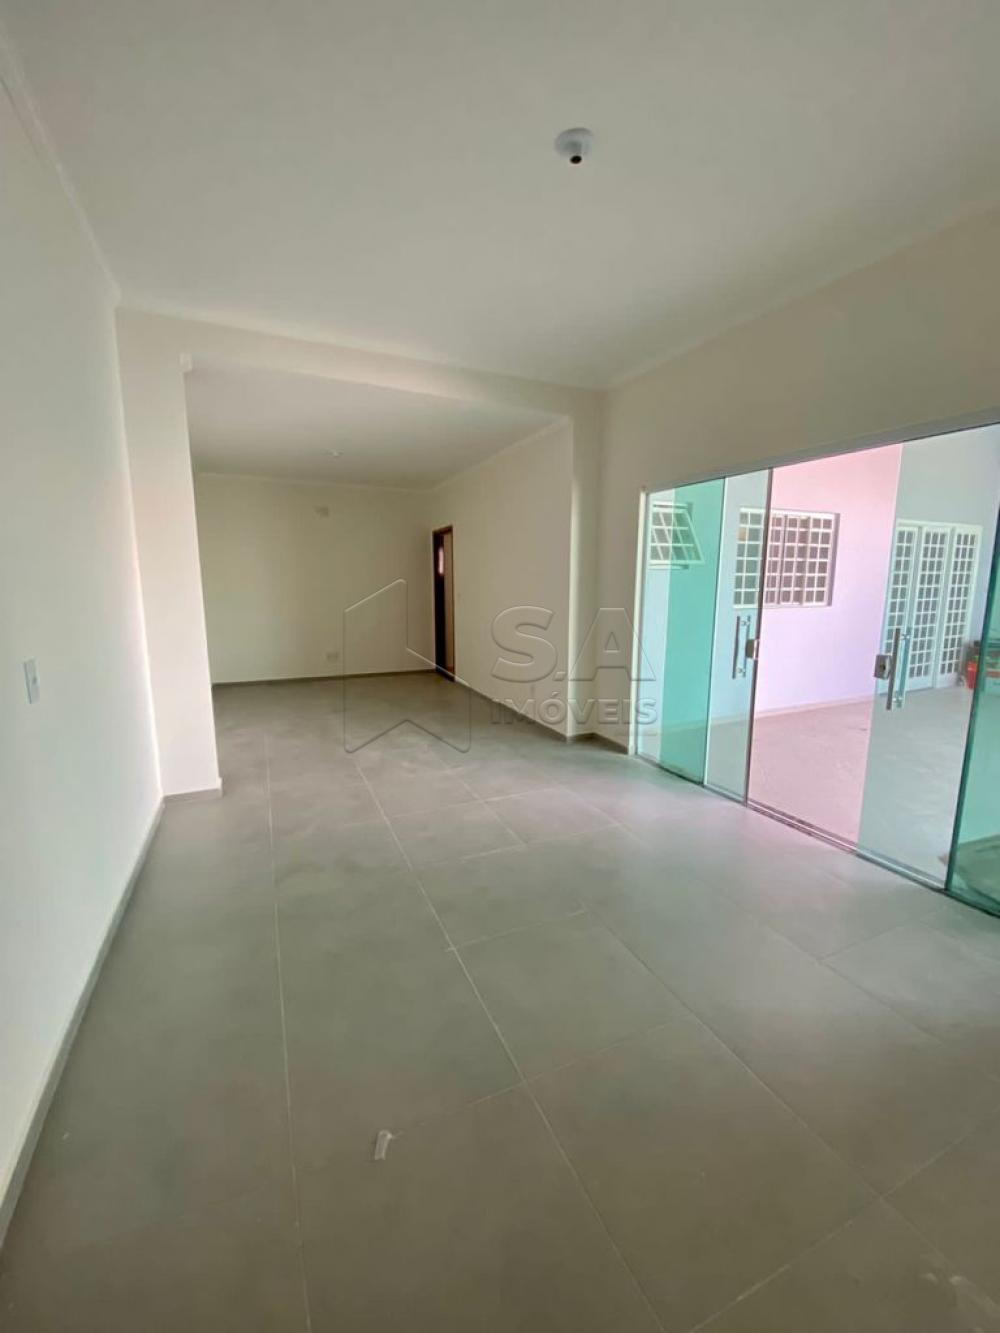 Comprar Casa / Padrão em Botucatu R$ 370.000,00 - Foto 3